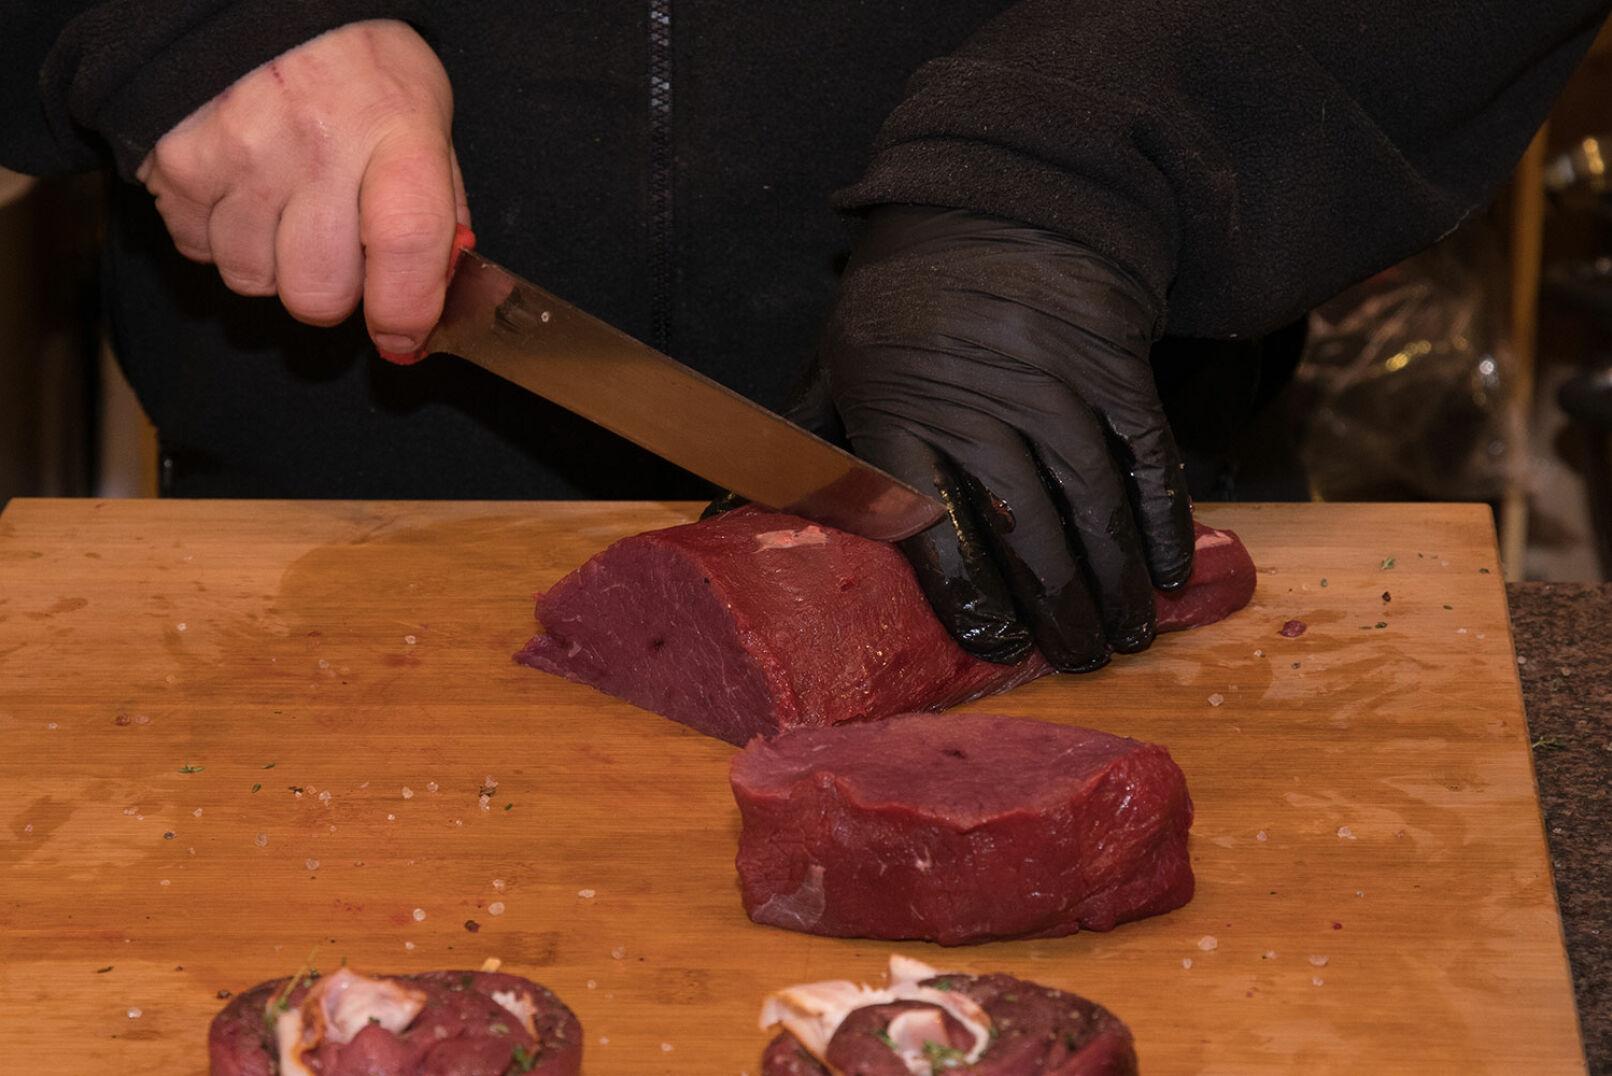 Vom Hirschrücken (von dem zuerst die Silberhaut entfernt wurde) schön breite Steaks schneiden. - © Martin Grasberger